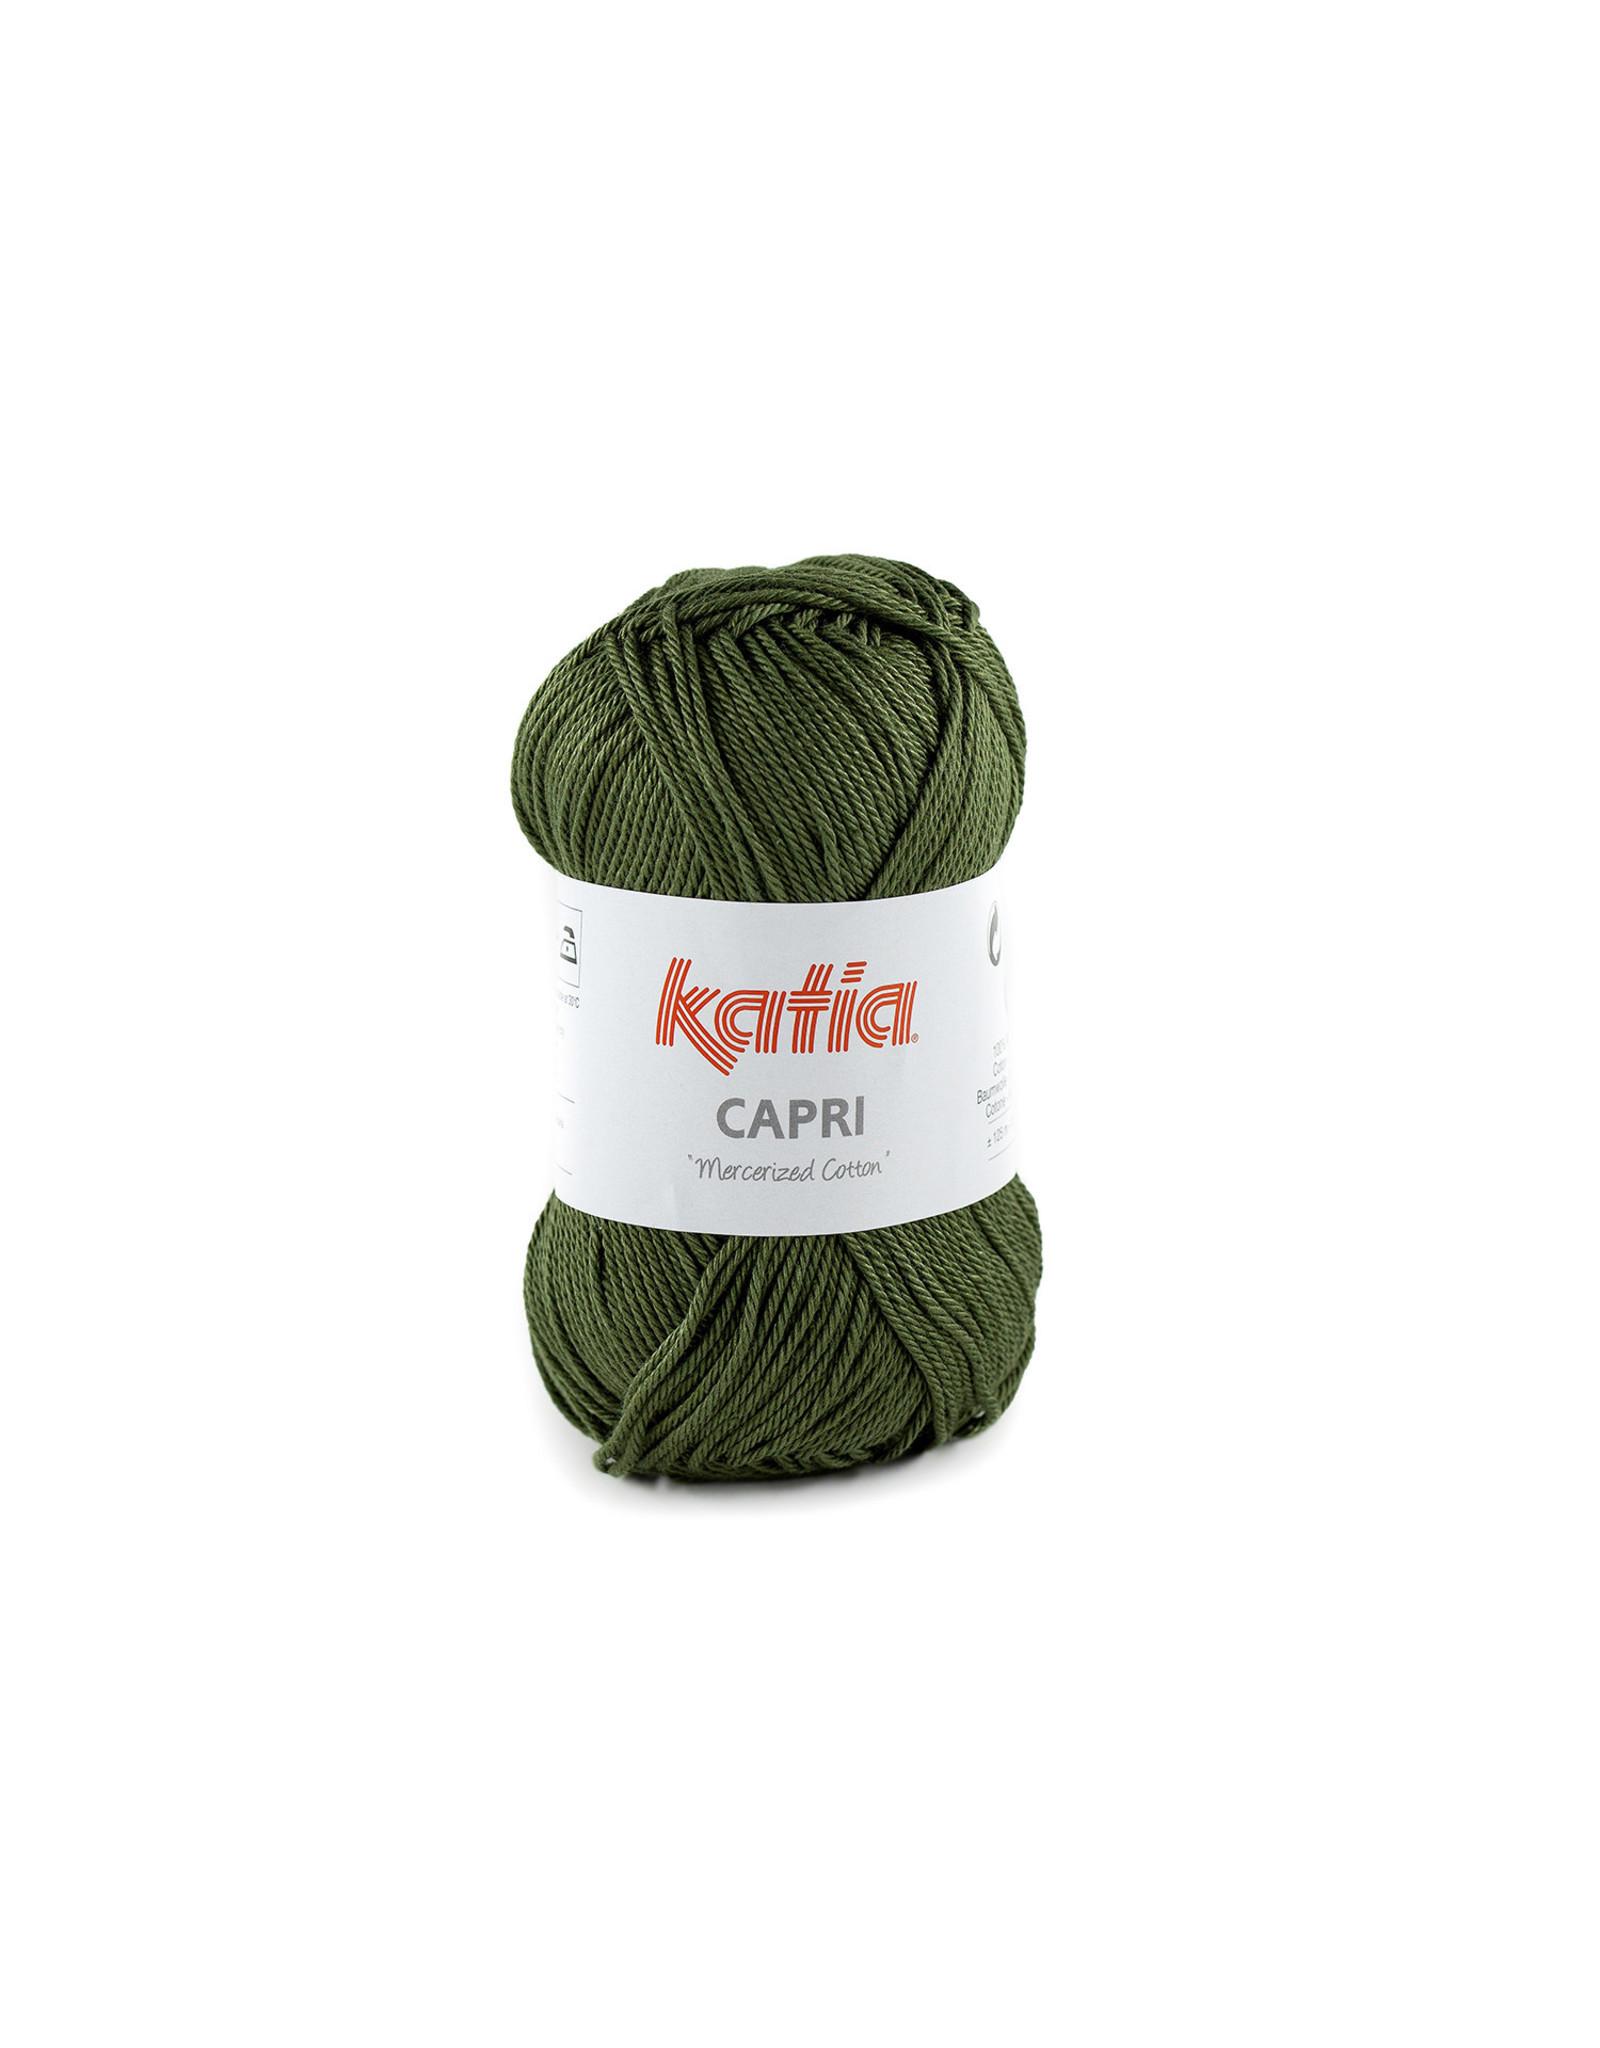 Katia Katia Capri - kleur 175 Olijfgroen - bundel 5 x 50 gr. / 125 m. - 100% katoen